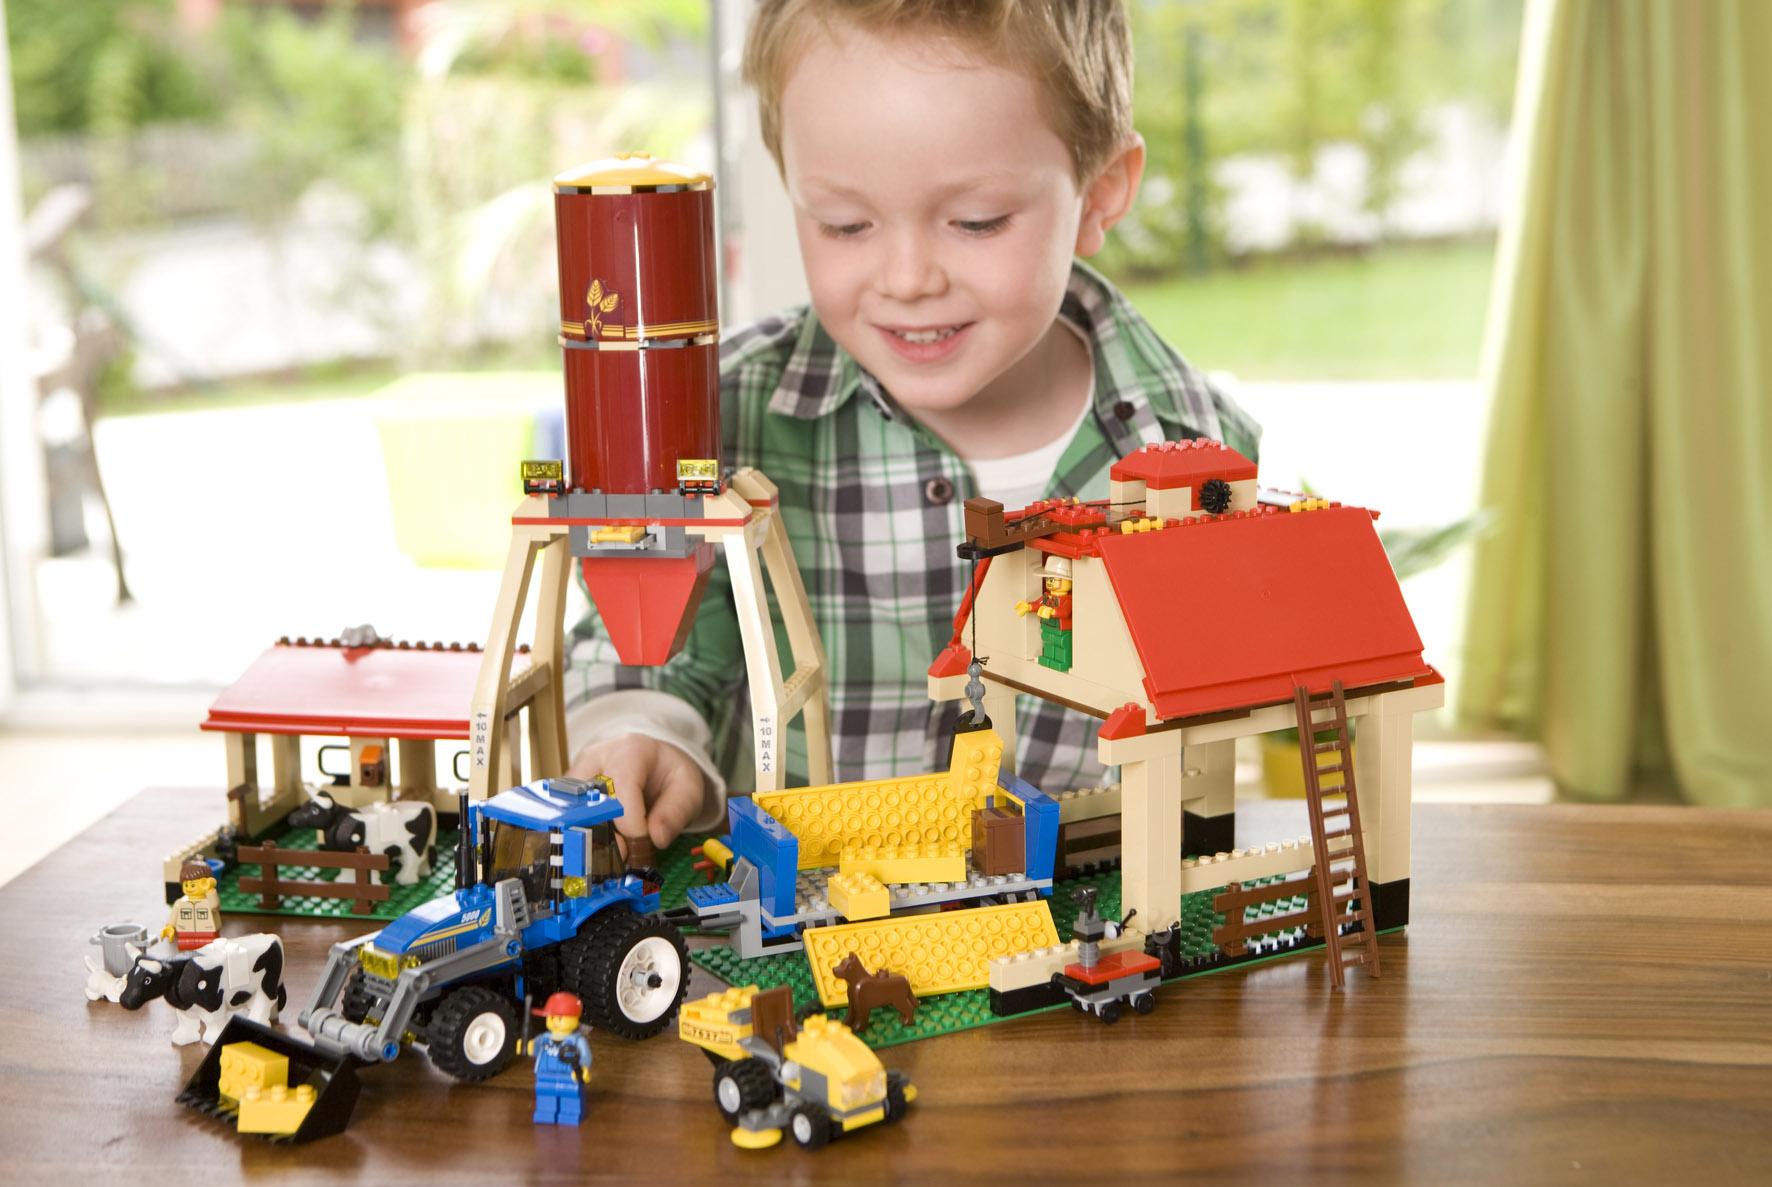 Конструктор одна из лучших развивающих игрушек, творите вместе - 2